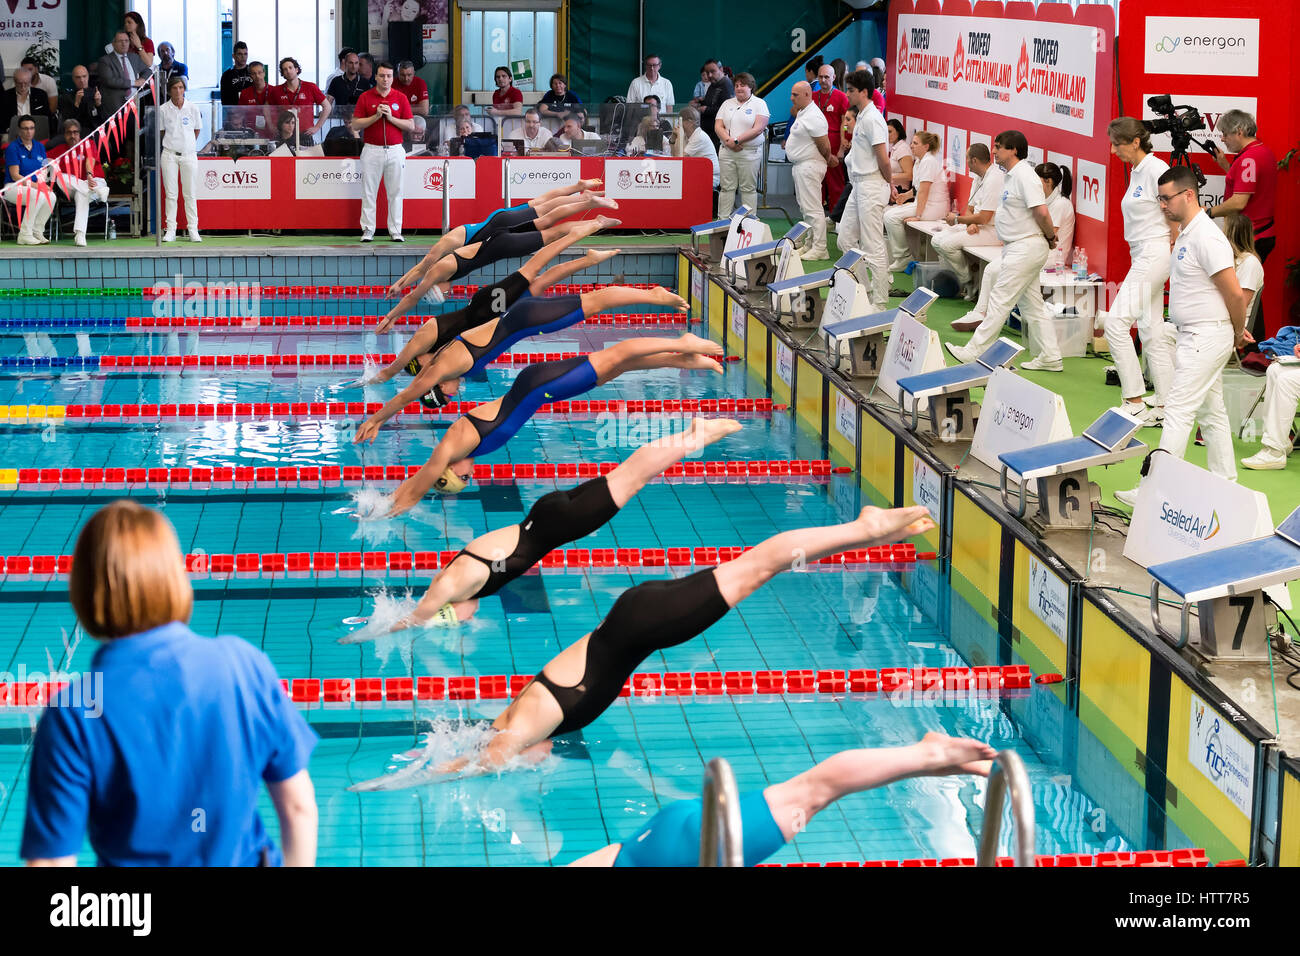 Milano, Italia - 10 Marzo 2017: femmina nuotatori a partire durante il 7° Trofeo Città di Milano nuoto Immagini Stock